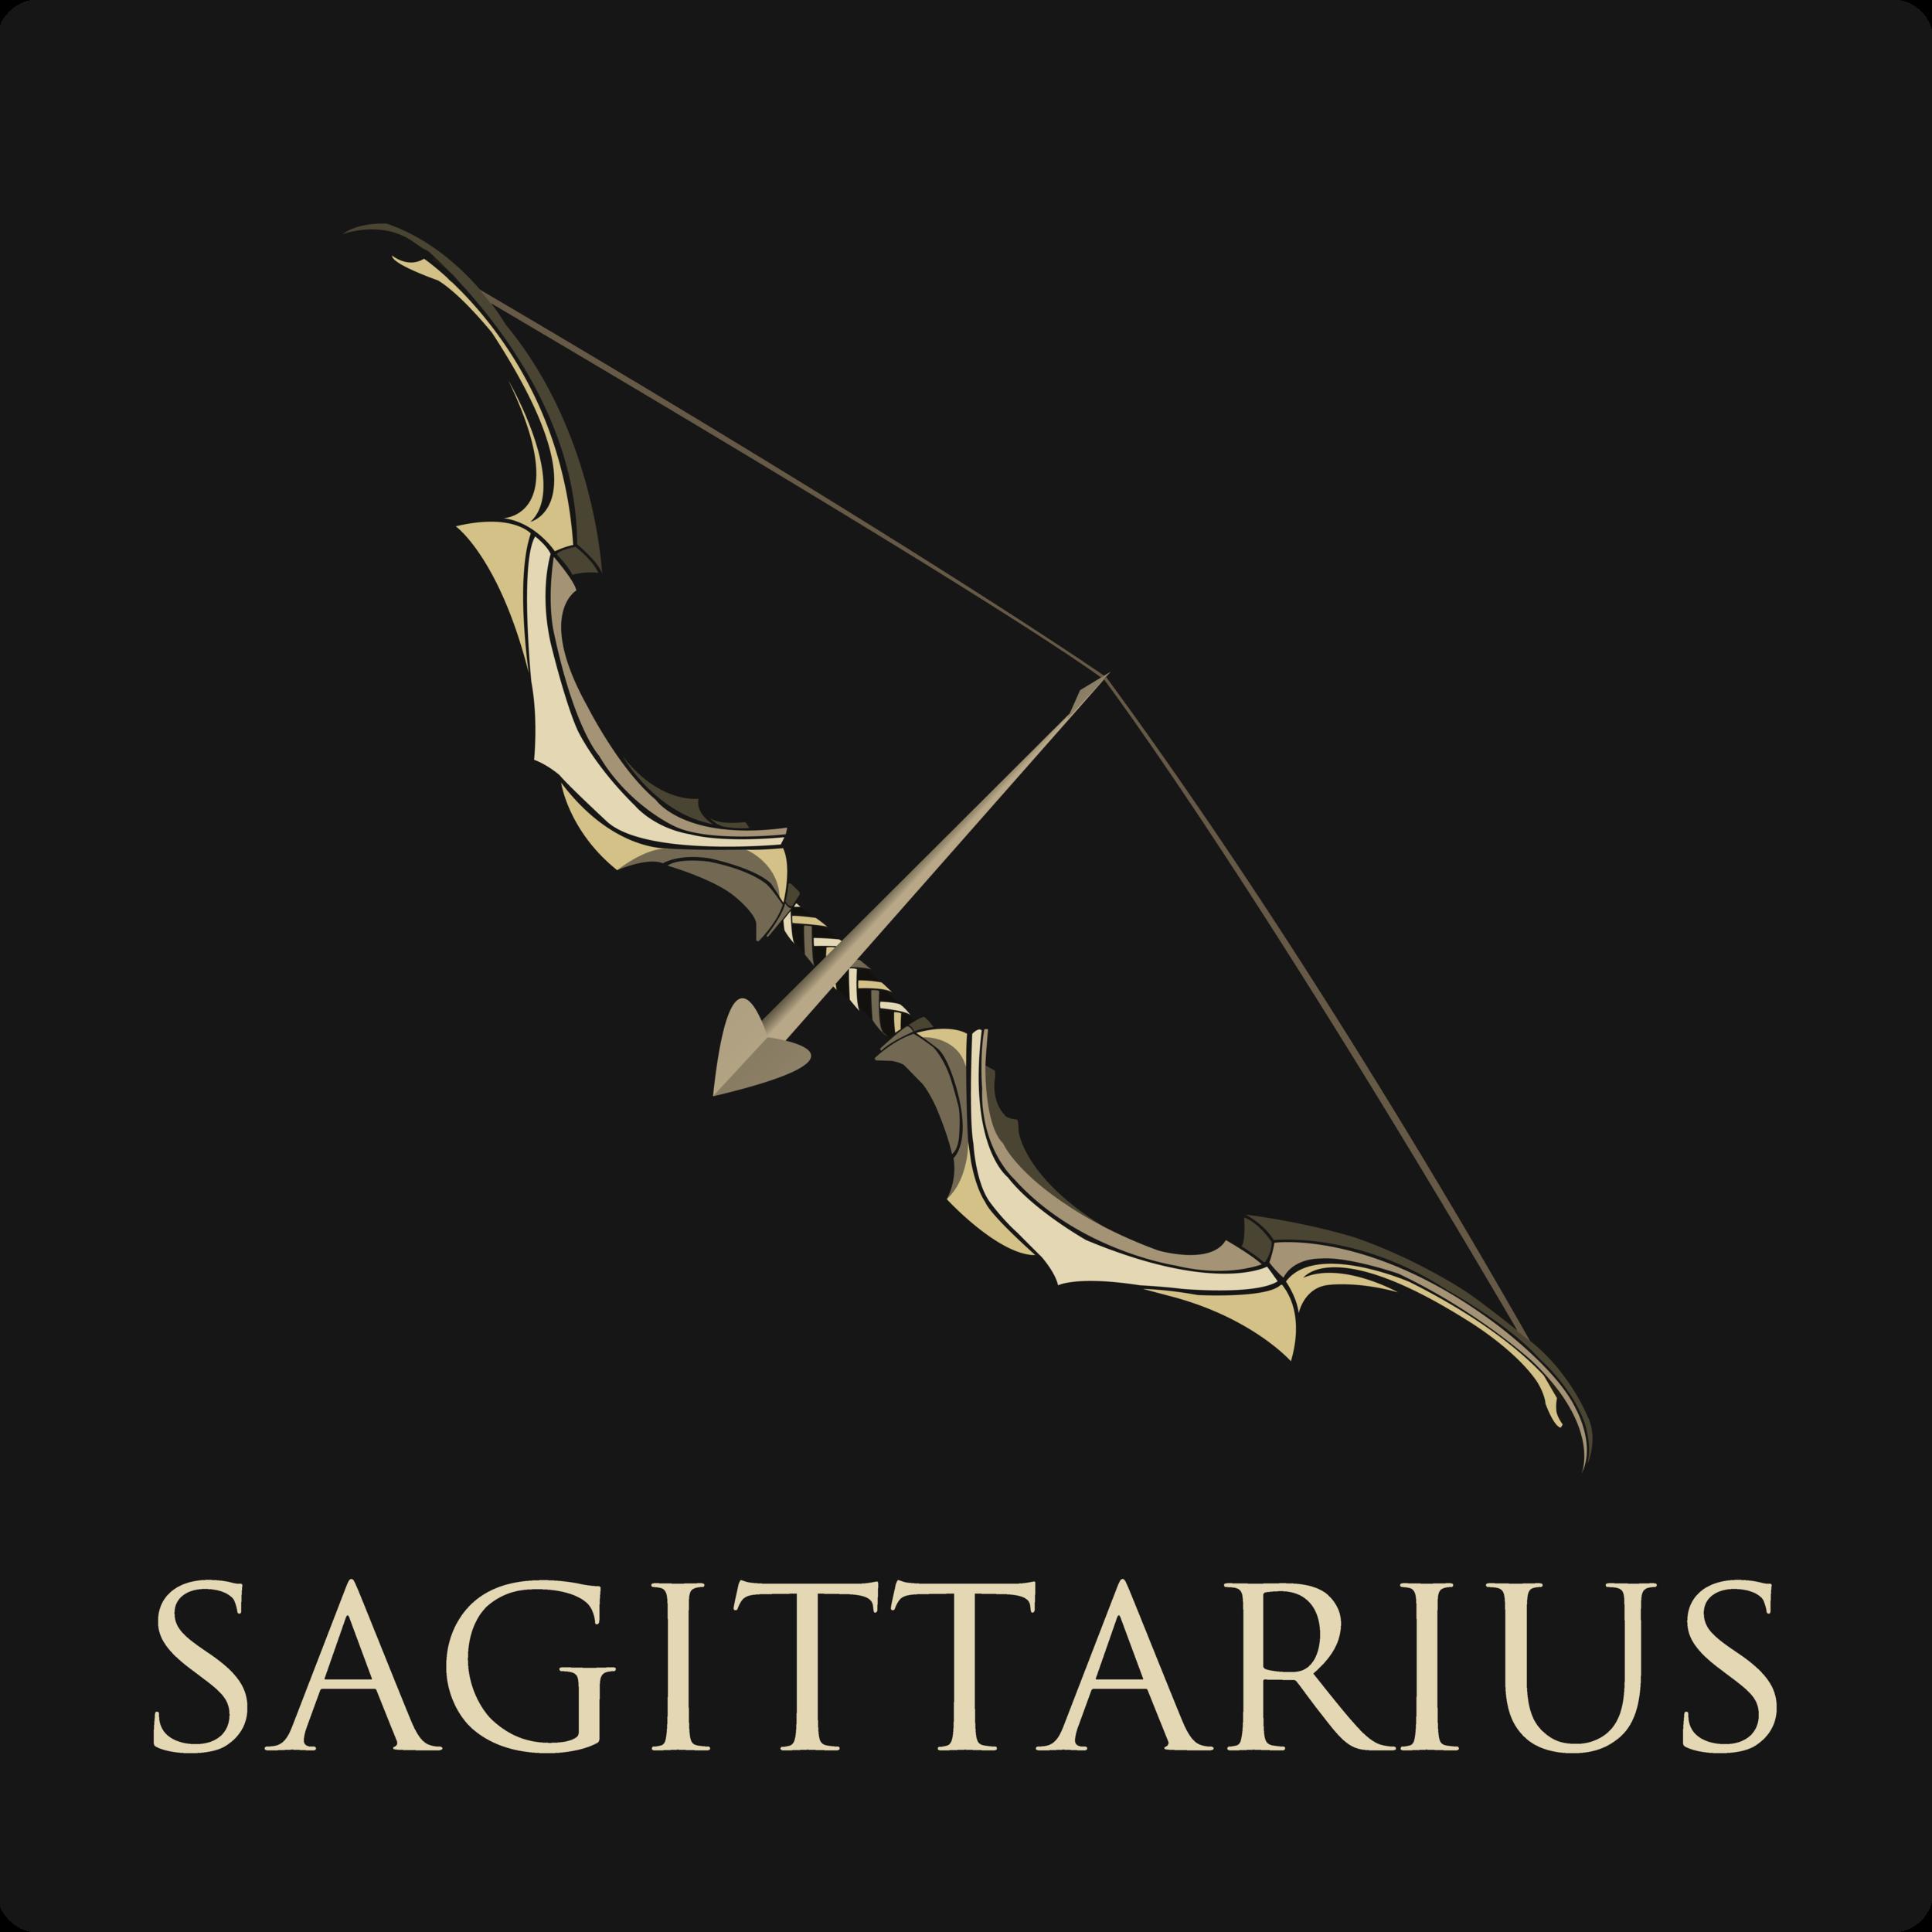 Sagittarius Vector.png